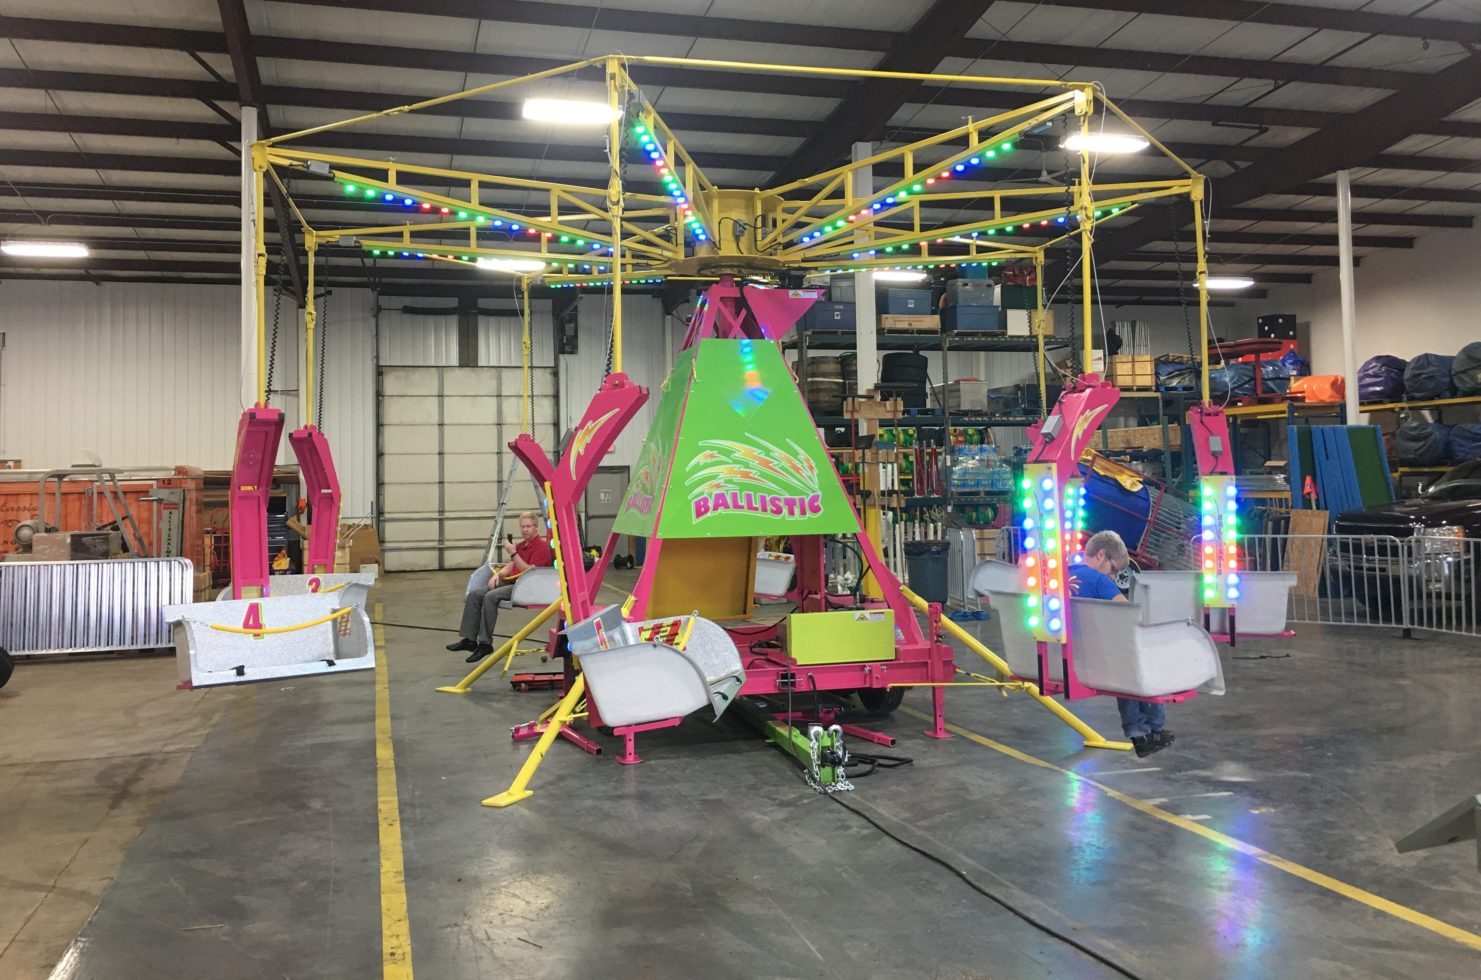 Ballistic ride setup inside warehouse